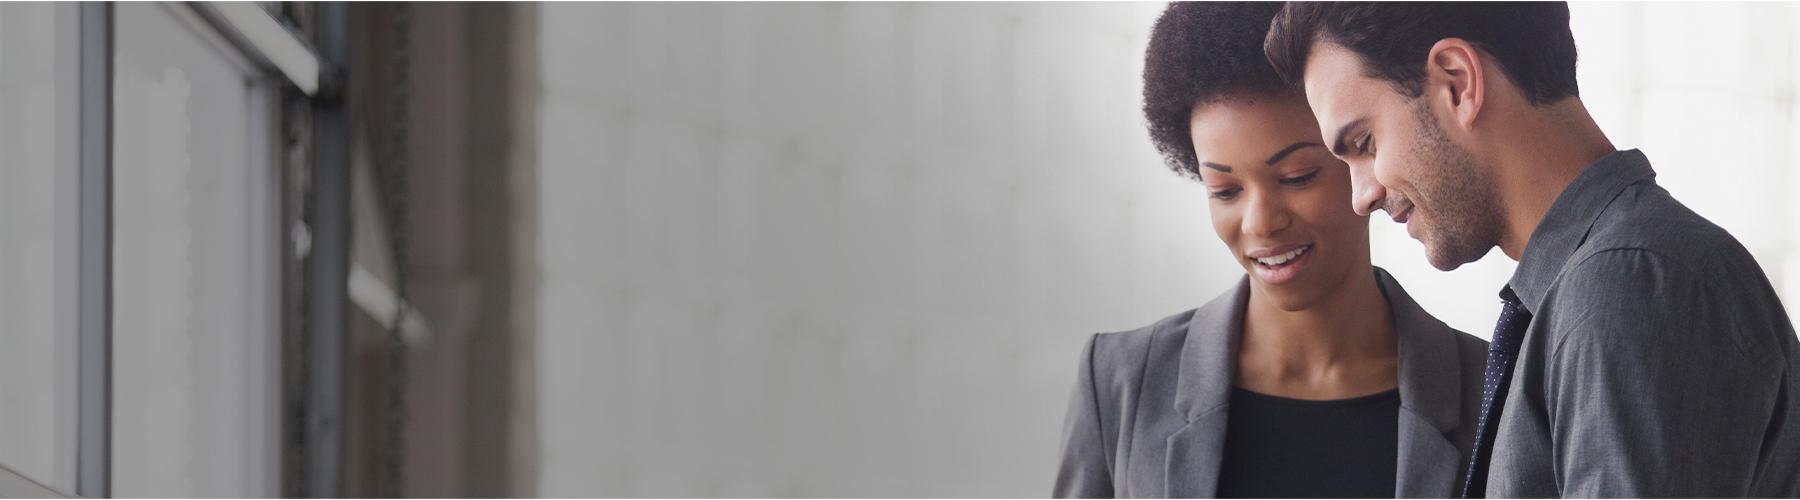 Una mujer afroamericana y un hombre caucásico parados juntos, sonriendo. La mujer viste una chamarra gris y el hombre viste una camisa gris con botones y una corbata azul.